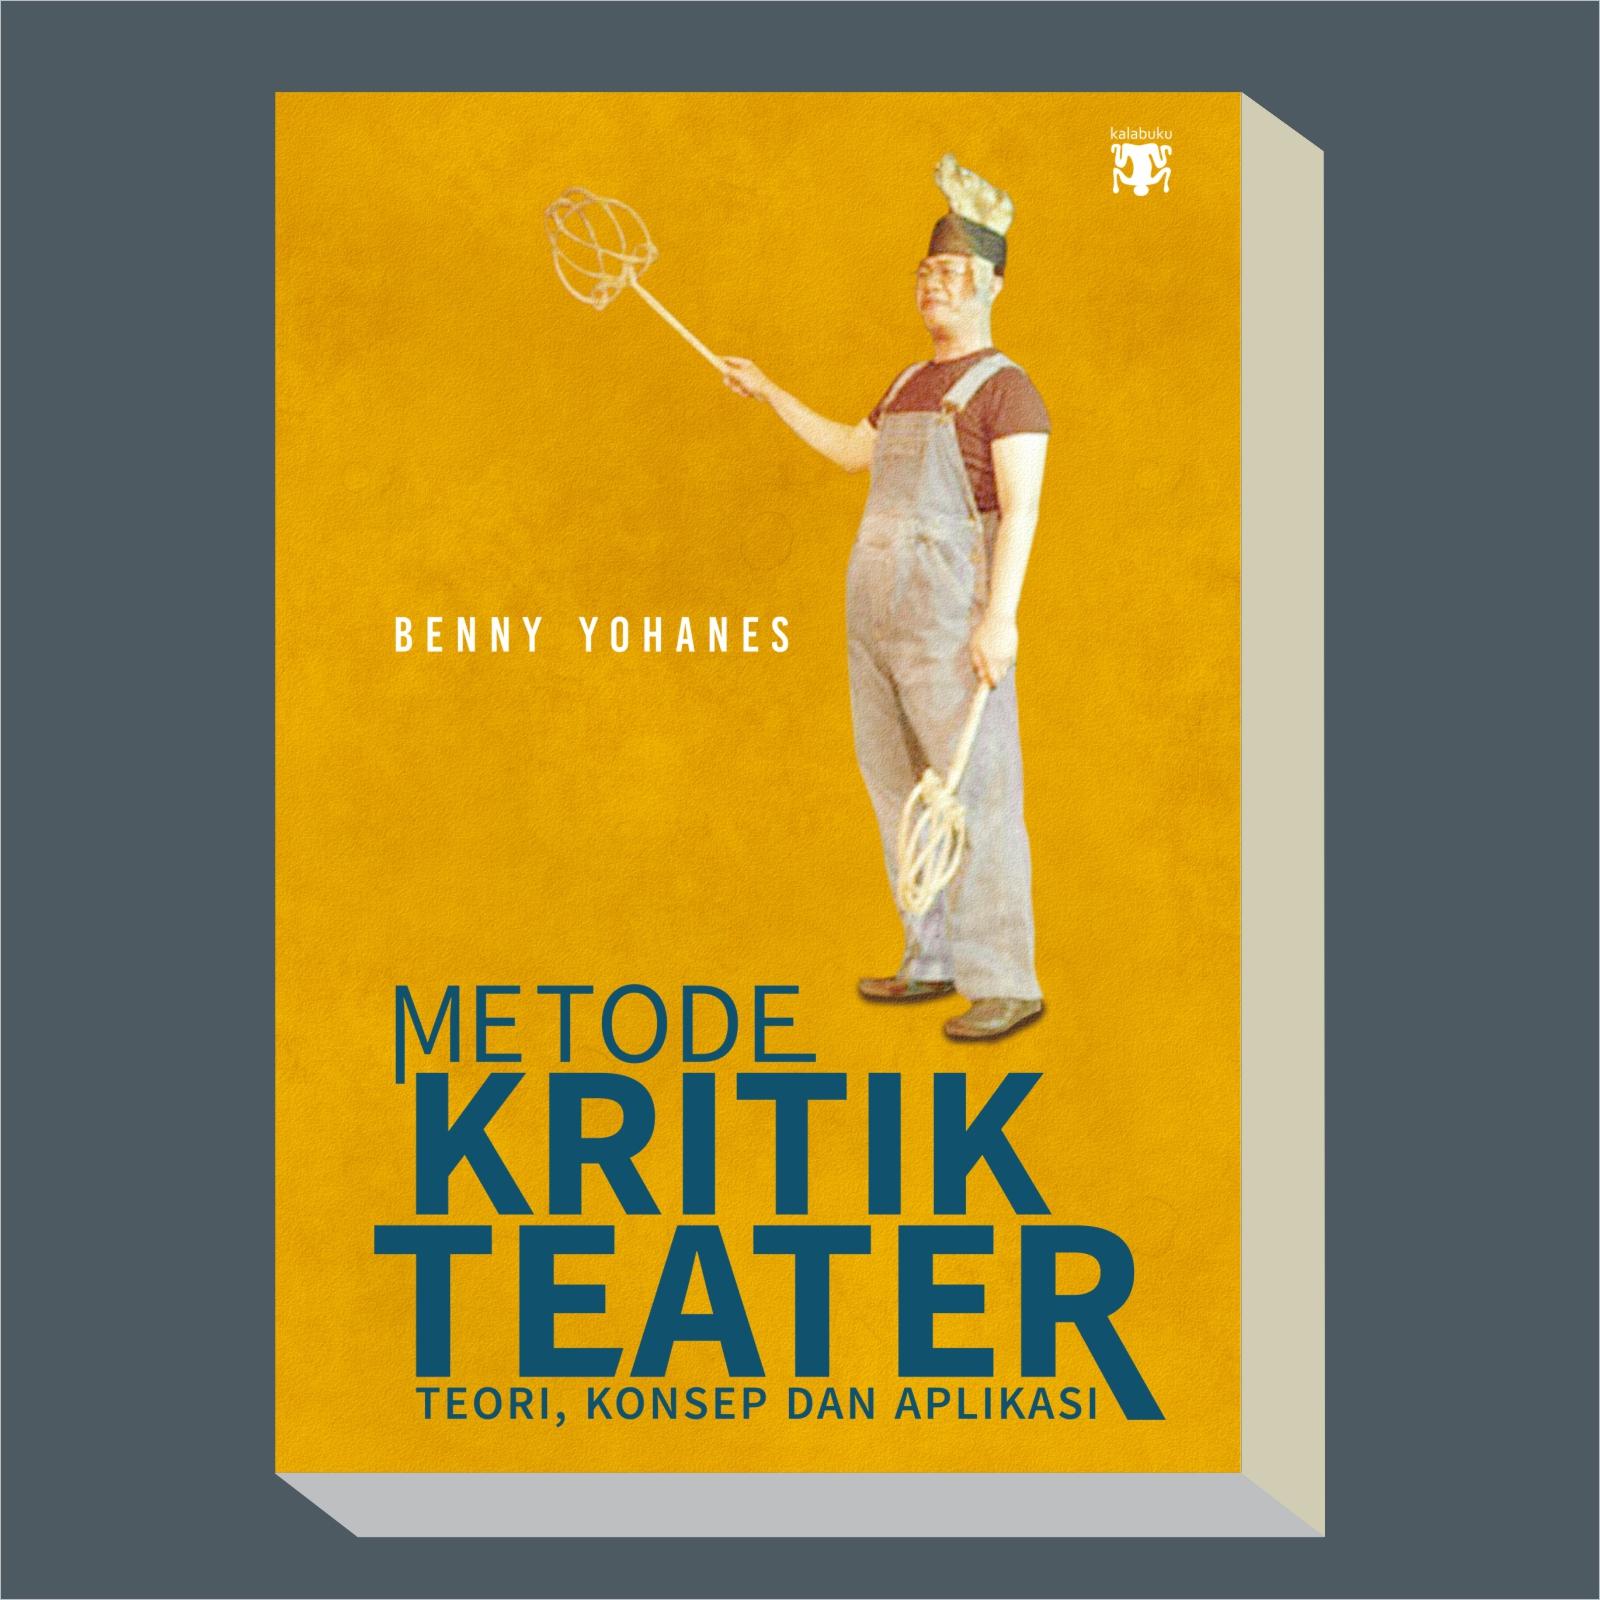 Display Metode Kritik Teater | Metode Kritik Teater